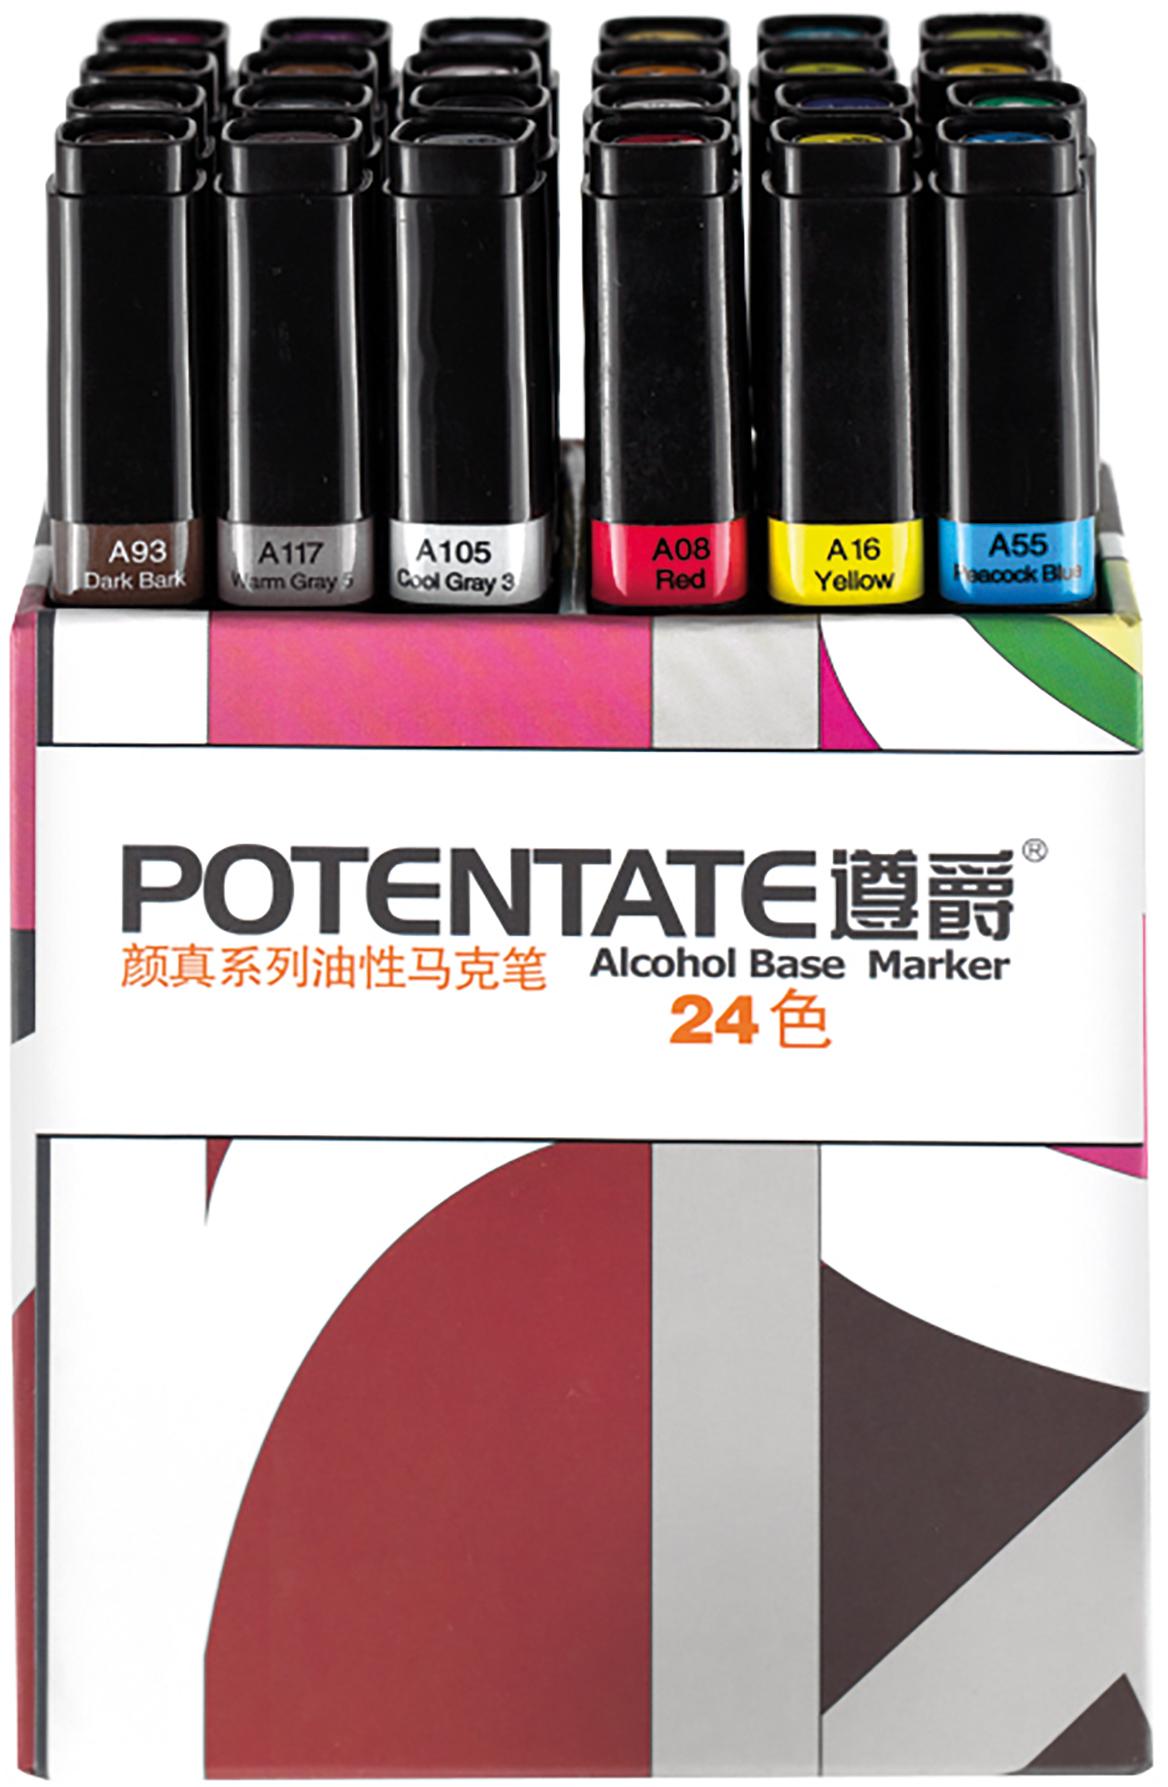 """Potentate Набор маркеров Box Set 24 цвета010108Спиртовые маркеры Potentate обладают всеми необходимыми качествами для рисования скетчей на любую тематику. Широкая цветовая палитра дает возможность прорабатывать переходы между оттенками. Каждый маркер имеет два пера: тонкое для прорисовки мелких деталей и широкое-долото для закрашивания больших поверхностей. Плотно закрывающийся колпачок предохраняет маркер от высыхания, а цветовая полоска на корпусе маркера соответствует цвету выкраски и позволяет легко ориентироваться при подборе палитры. Маркеры быстро высыхают на бумаге. Под маркой POTENTATE доступны маркеры поштучно и в наборах от 12 до 120 цветов. Маркеры подойдут для тех, кто хочет рисовать много и нарабатывать навыки скетчинга без ограничений в средствах. В отличие от большинства китайских OEM маркеров на заказ для европейцев, маркеры POTENTATE являются """"родным"""" брендом крупнейшего производителя маркеров в Китае и им уделяется больше внимания по качеству продукции собственной марки. В наборе 24 цвета: А99, А105, А107, А115, А117, А120, А66, А71, А73, А76, А87, А93, А21, А23, А40, А54, А55, А58, А05, А08, А10, А12, А16, А17. Основные характеристики: - палитра 120 цветов; - два пера: тонкое и широкое-долото - удобный квадратный корпус, маркеры на скатываются по столу; - индикатор цвета на корпусе маркера и колпачке; - спиртовые, быстро высыхают на бумаге; - низкий расход чернил; - прозрачные цвета для проработки переходов; - блендер для размывок и эффектов;"""